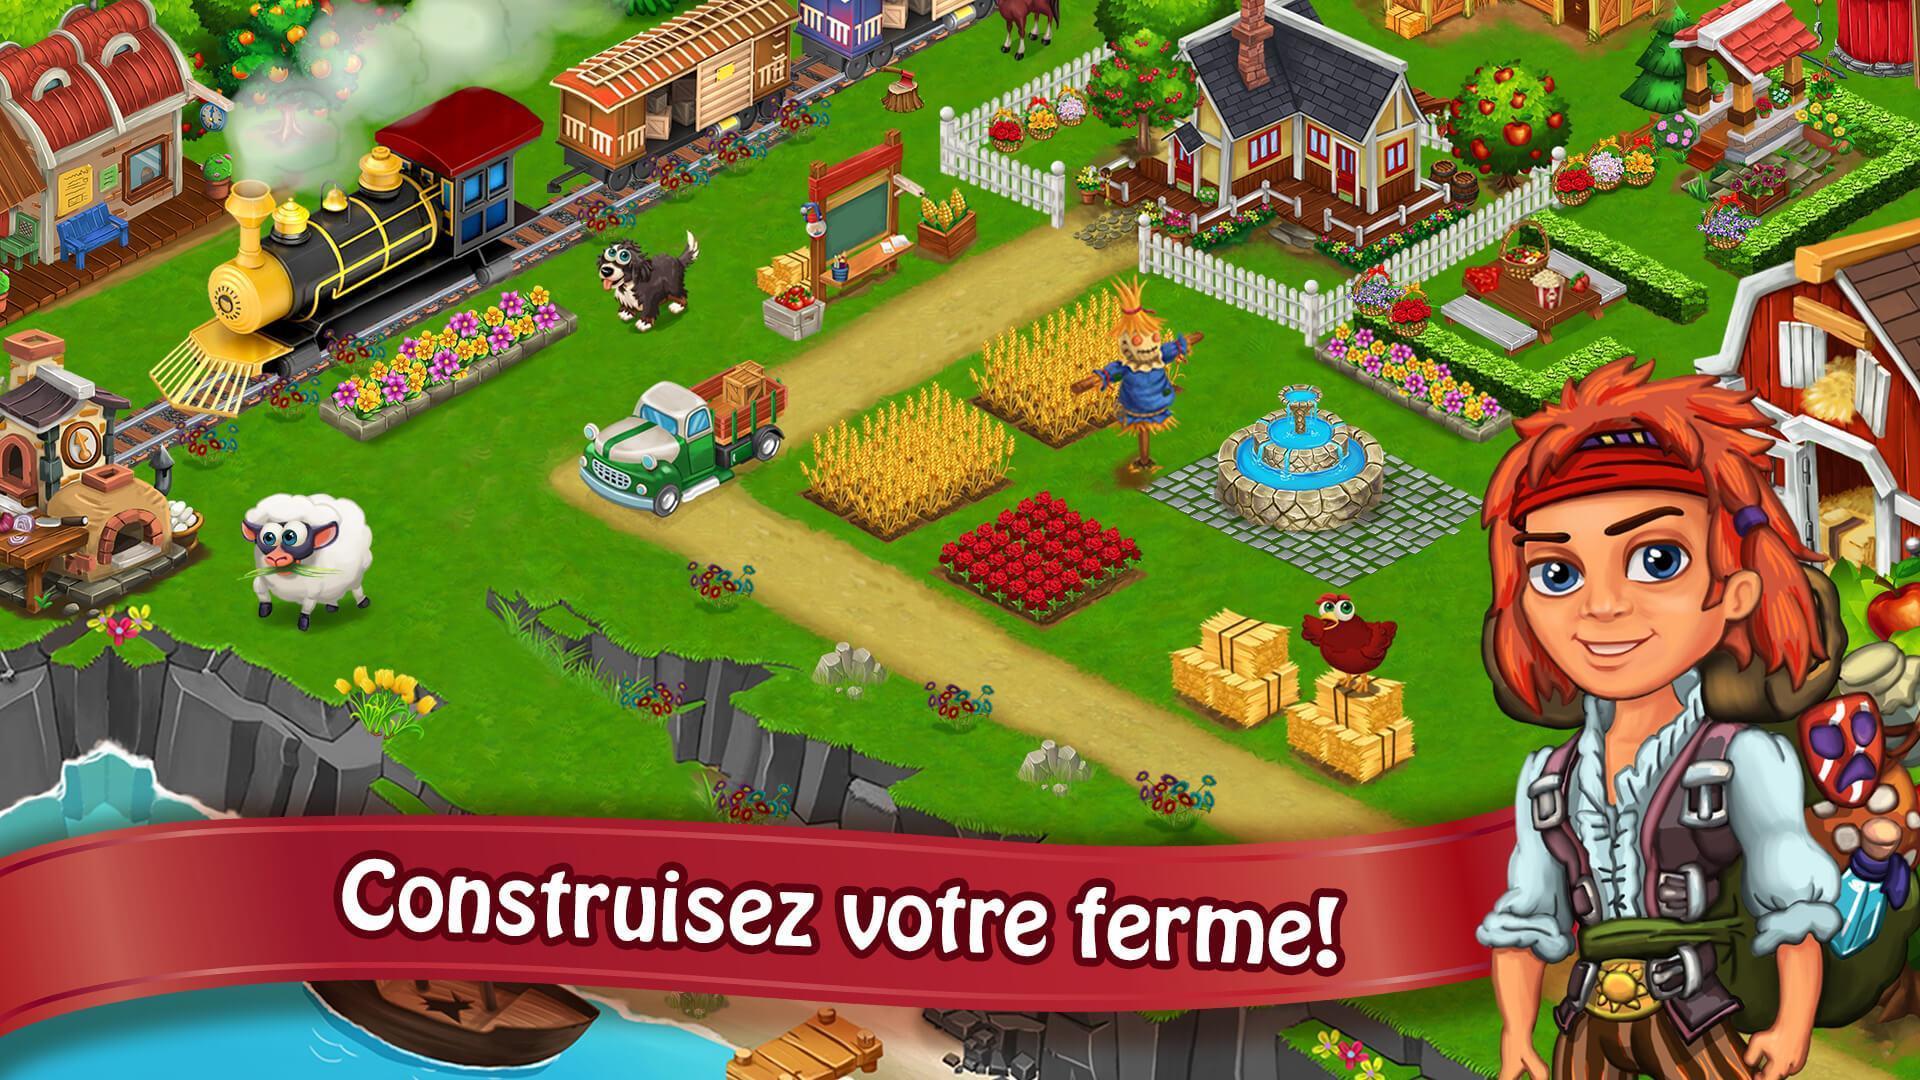 Jour Farm Village: Agriculture Jeux Hors Ligne Pour Android dedans Jeux En Ligne De Ferme